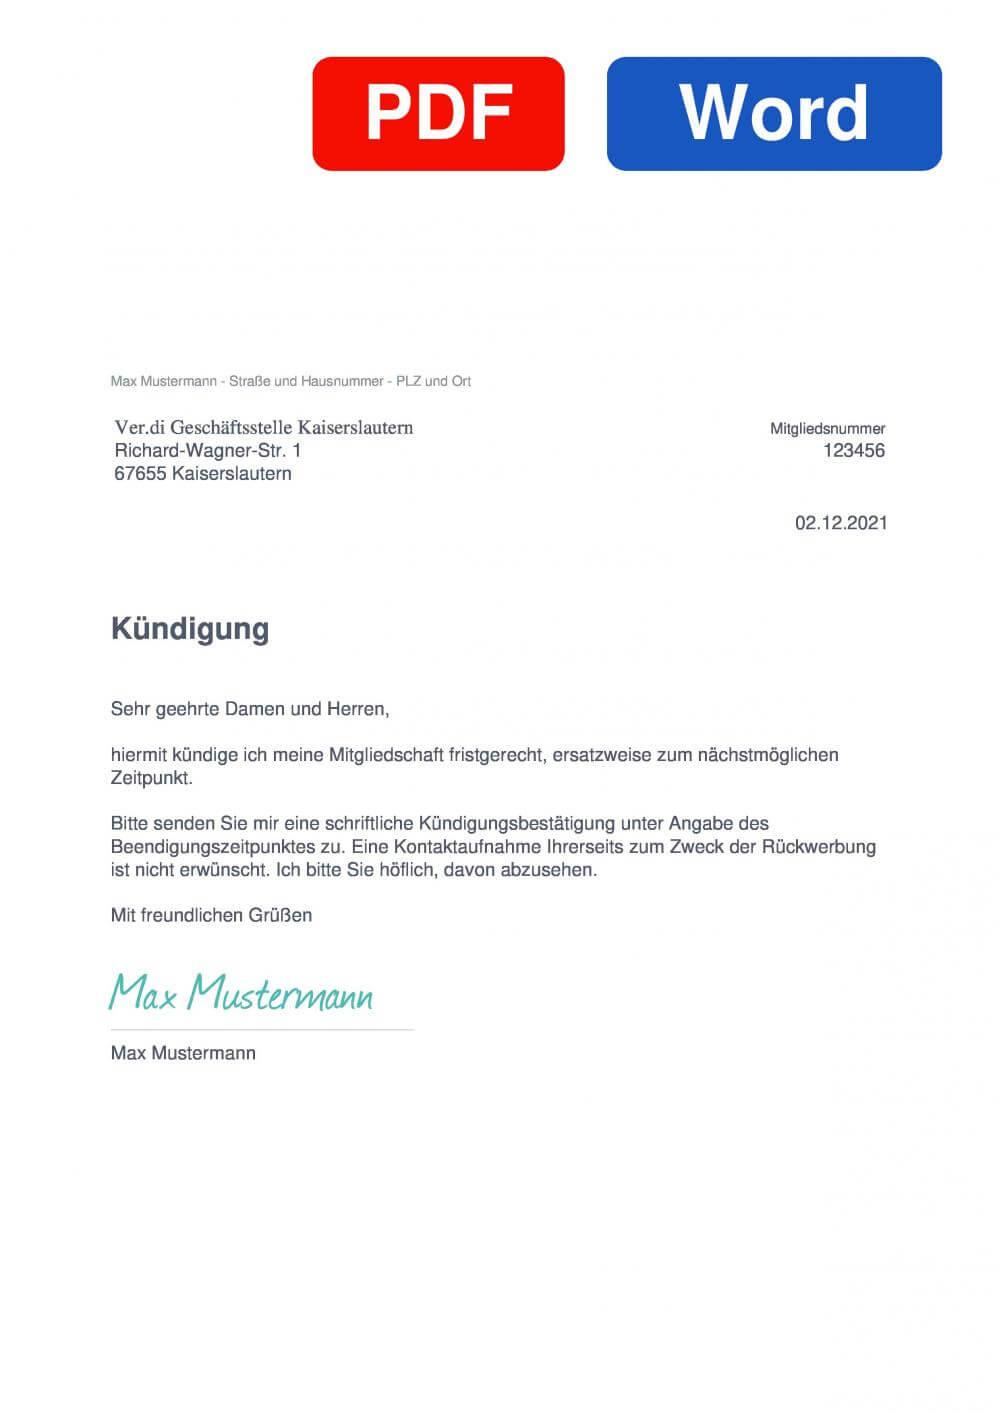 Verdi Kaiserslautern Muster Vorlage für Kündigungsschreiben